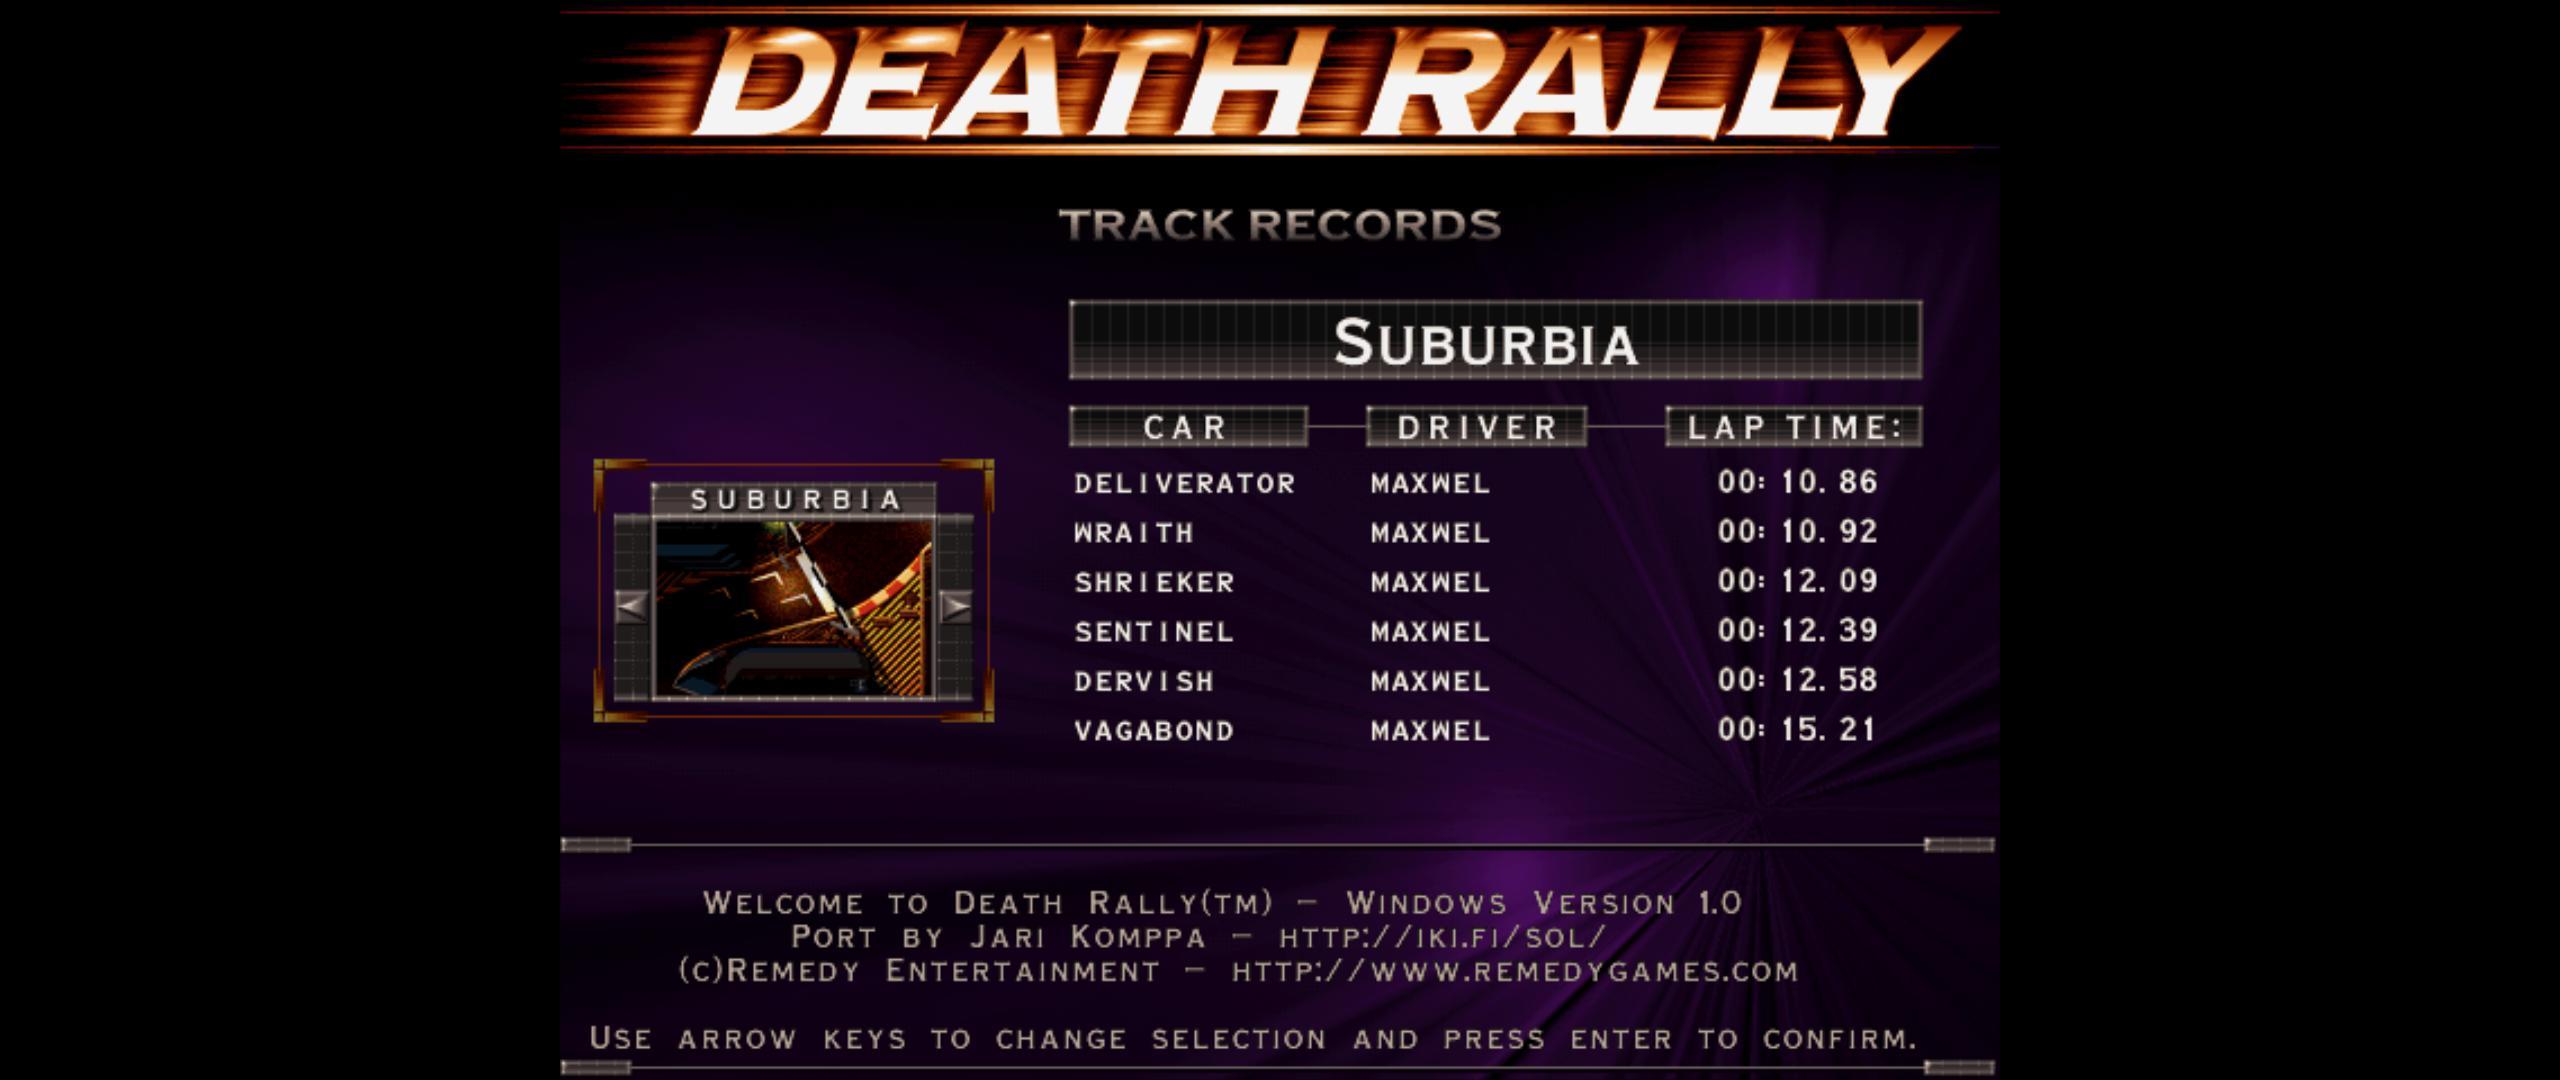 Maxwel: Death Rally [Suburbia, Vagabond Car] (PC) 0:00:15.21 points on 2016-03-01 14:37:12